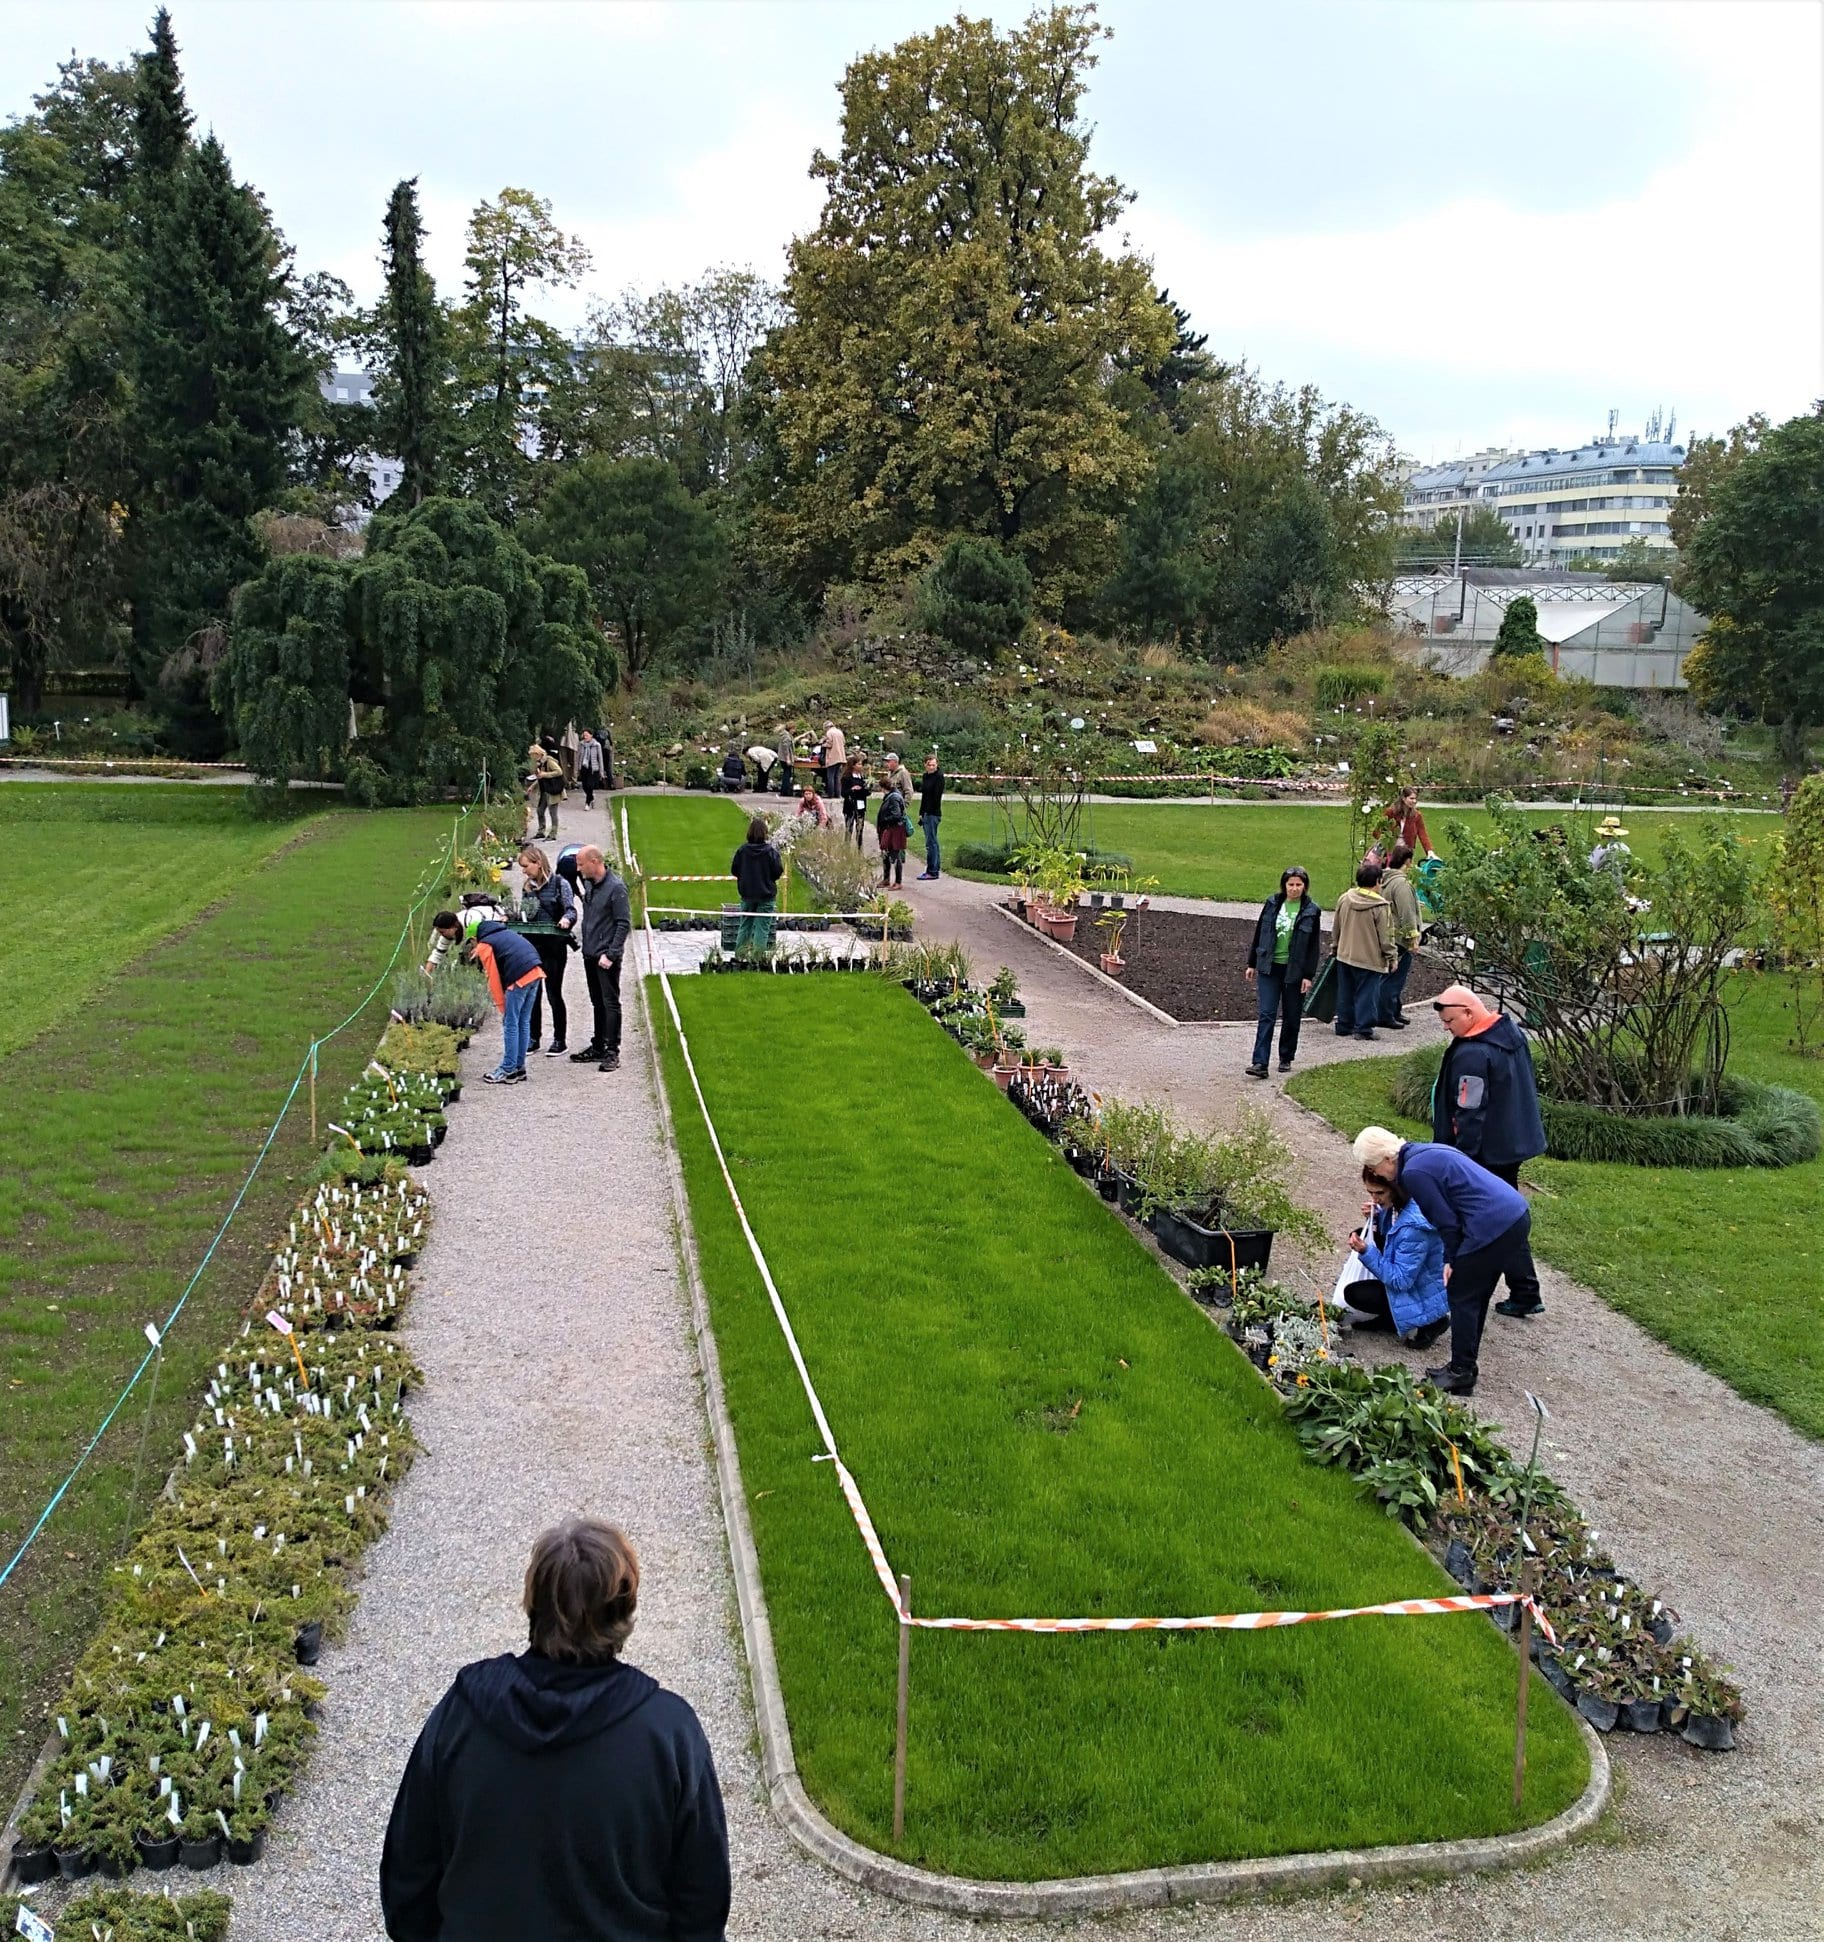 Otvoren Botanički vrt, kao i pješački most preko